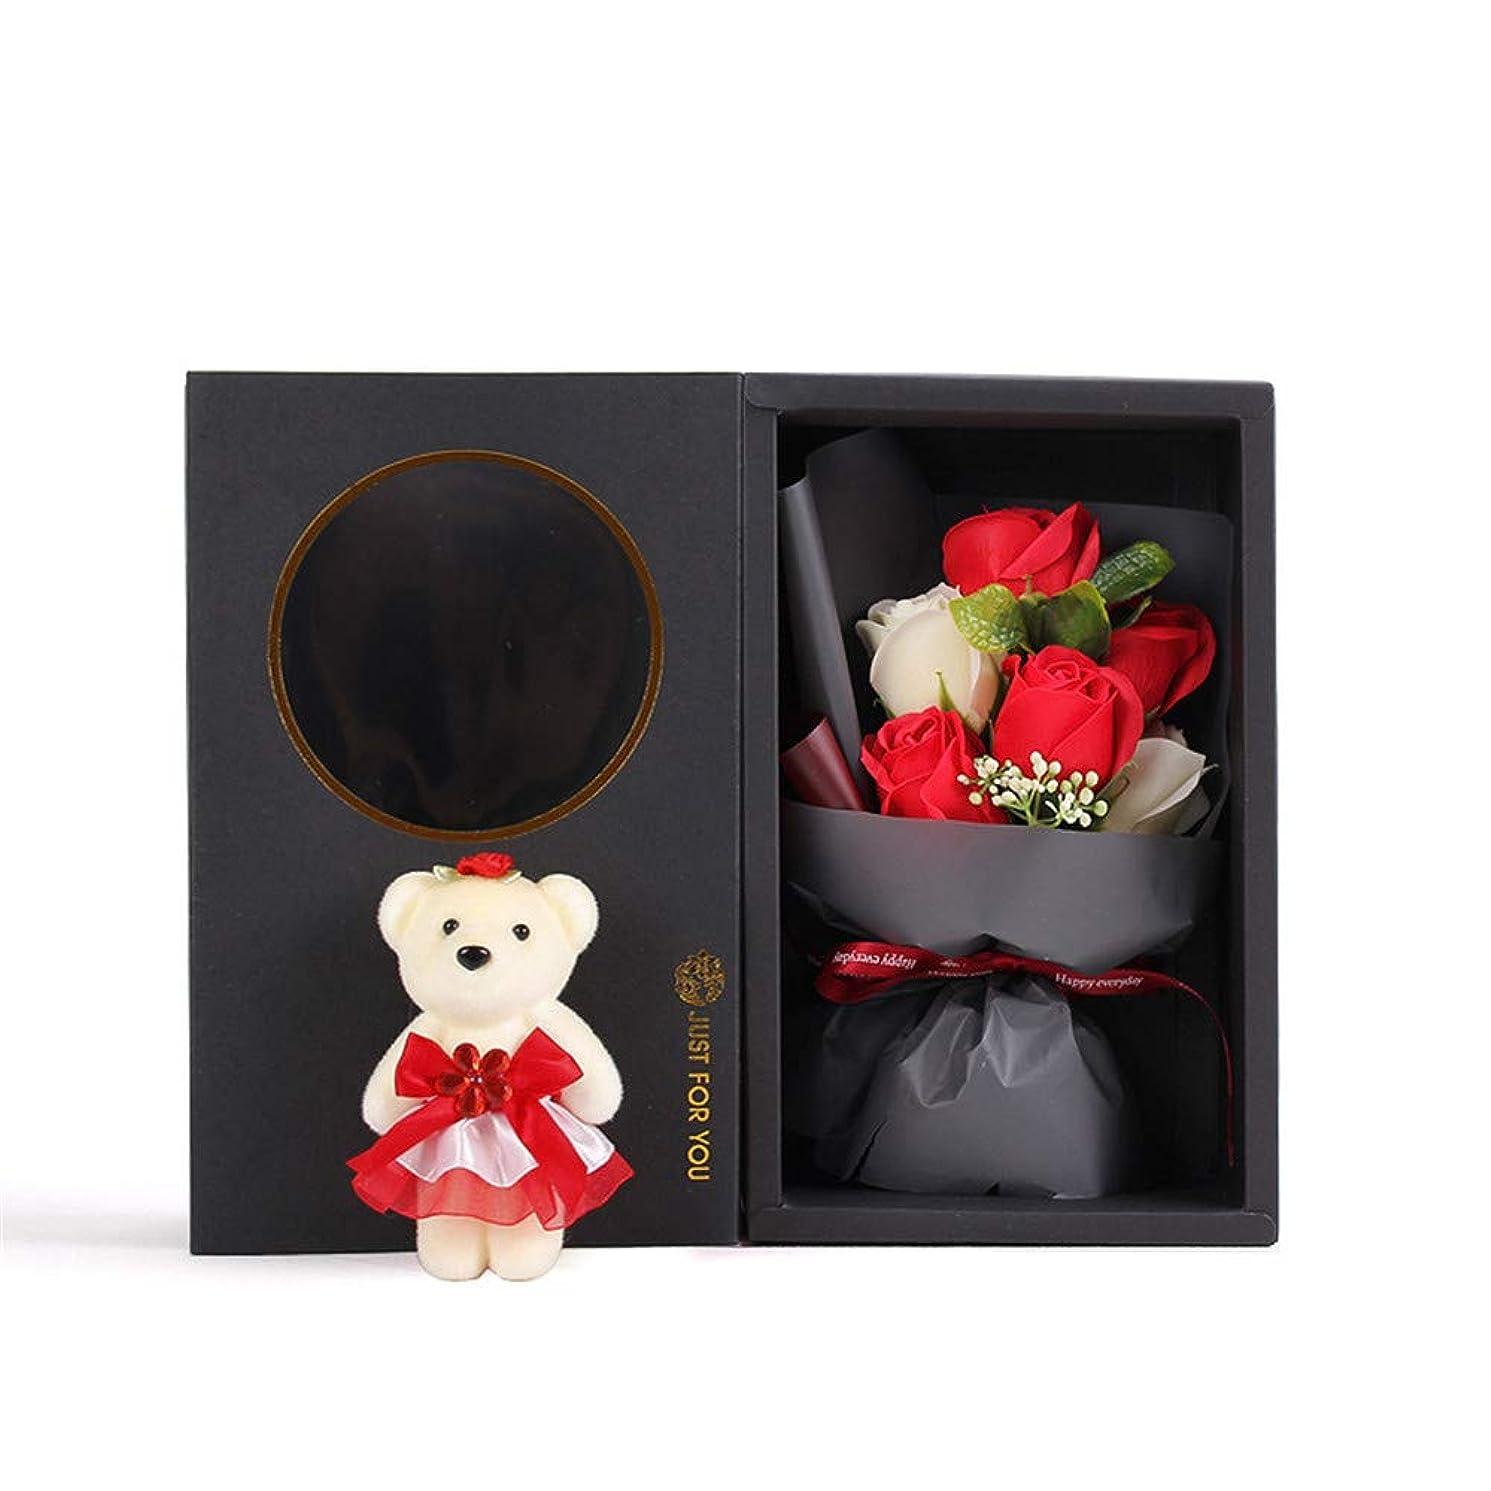 眉をひそめる温帯追加手作り6石鹸花の花束ギフトボックス、女性のためのギフトあなたがバレンタインデー、母の日、結婚式、クリスマス、誕生日を愛した女の子(ベアカラーランダム) (色 : 赤)